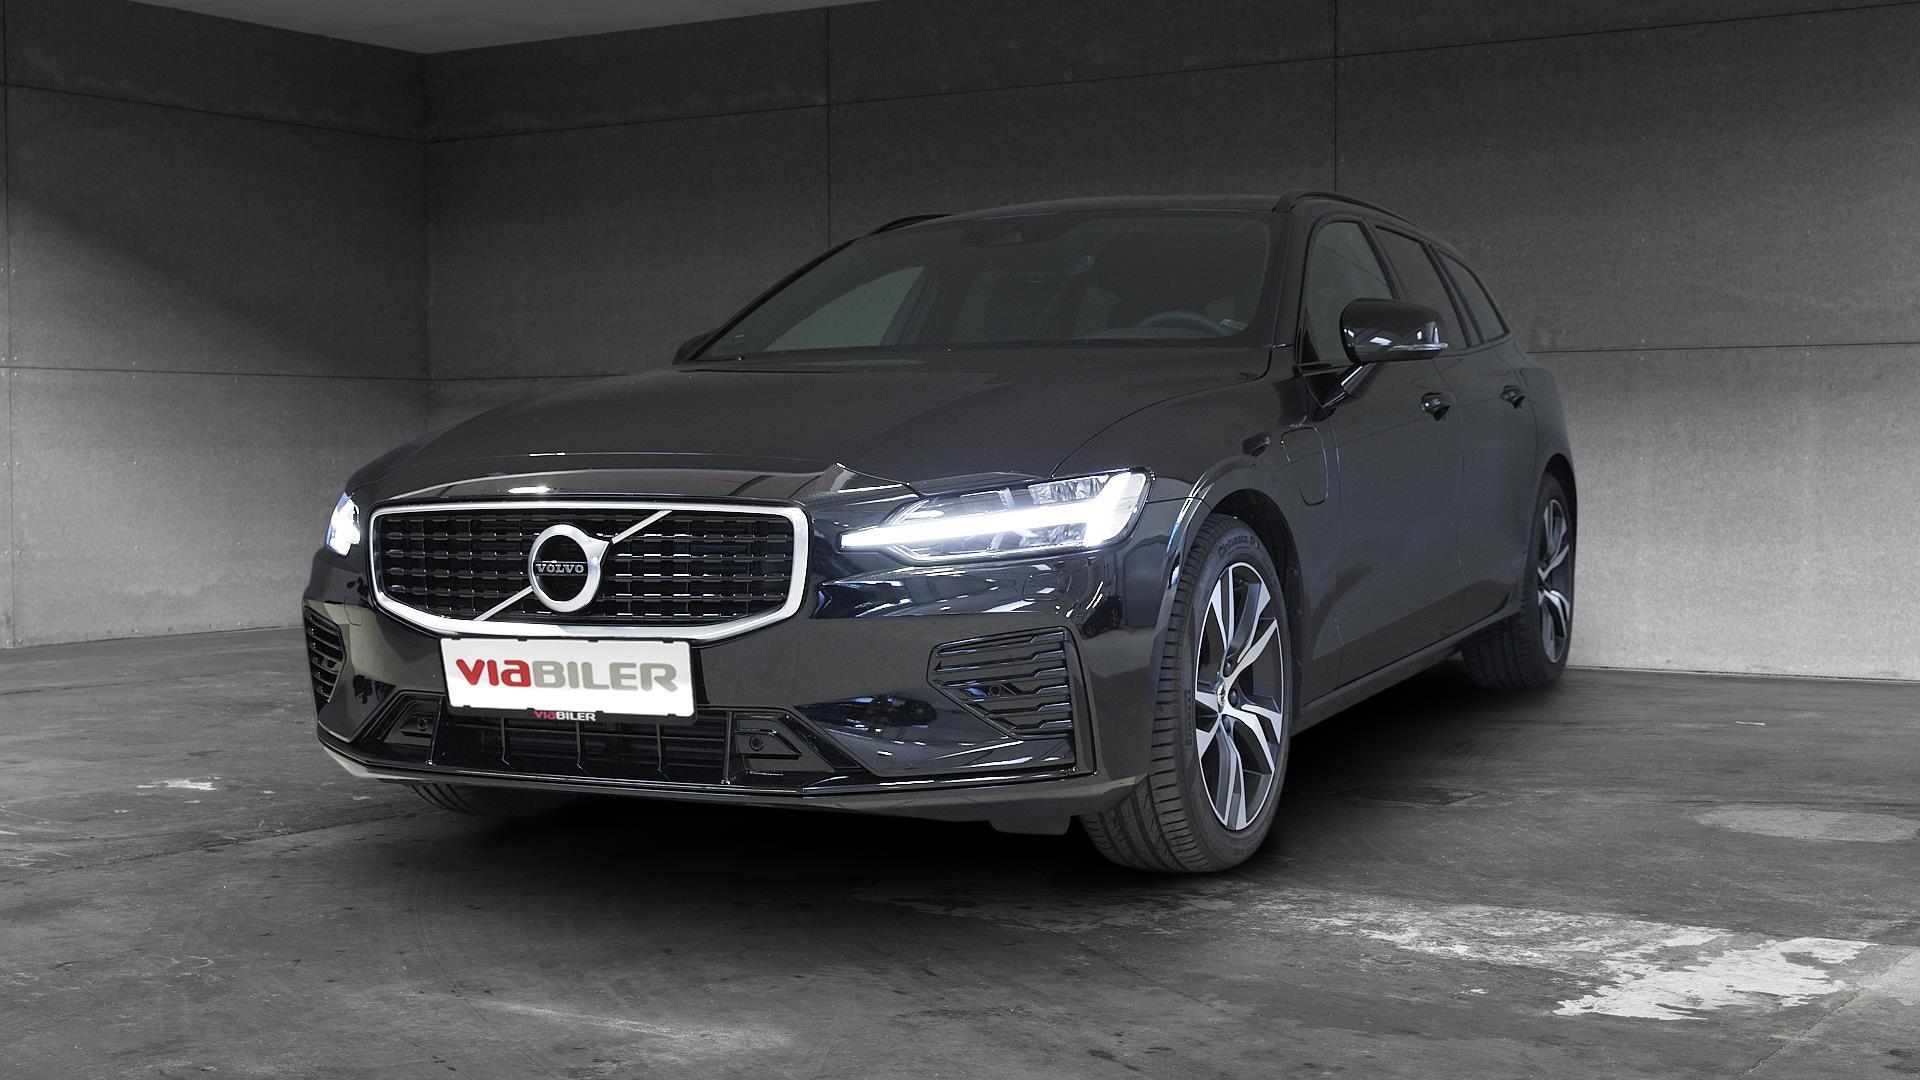 Billede af Volvo V60 2,0 T6 Twin Engine R-design 340HK Stc 8g Aut.